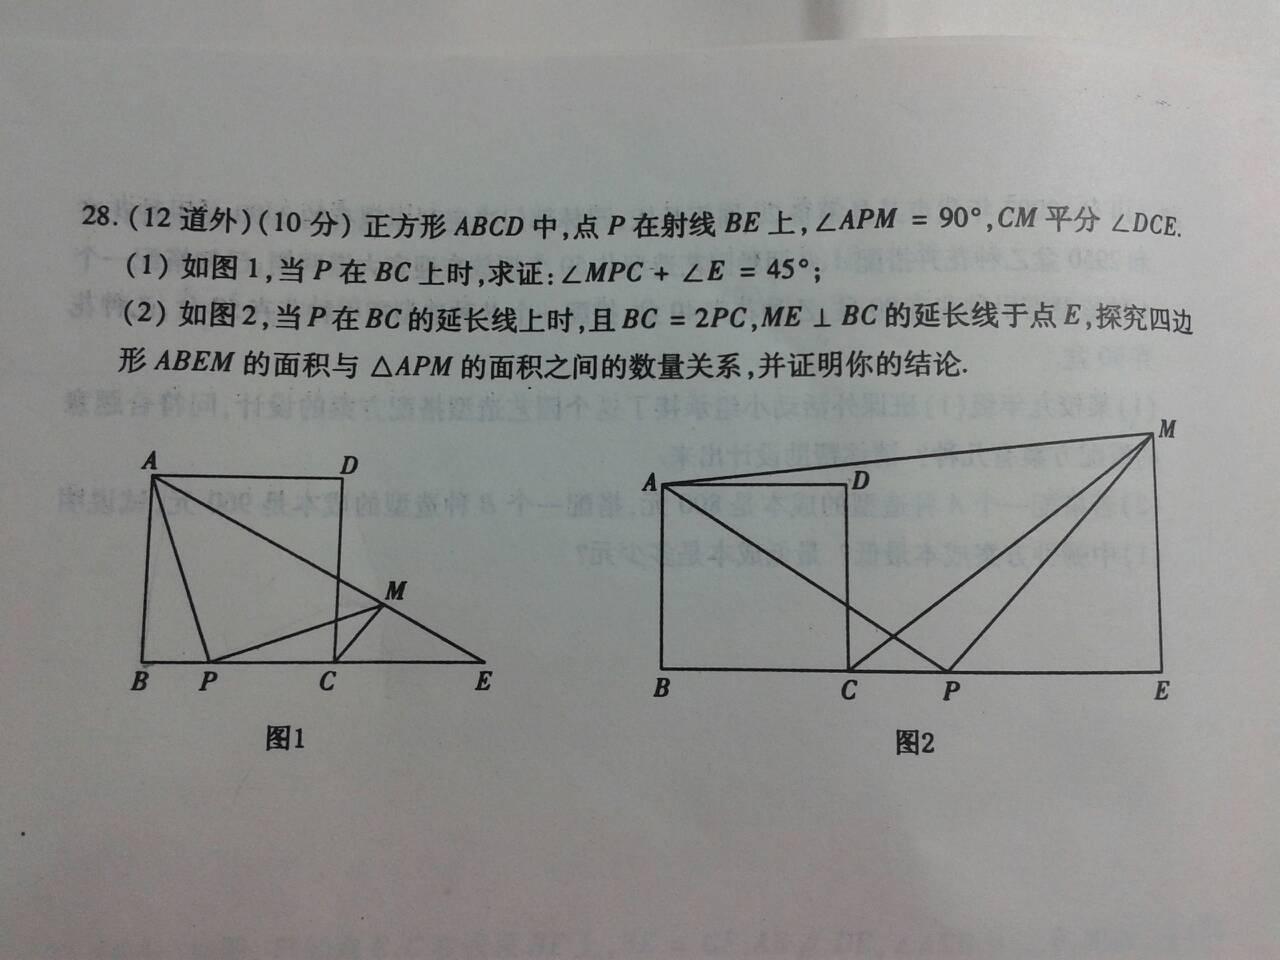 初中数学几何综合题_初中数学几何基本图形-80个数学初中基本图形|数学基本图形初三